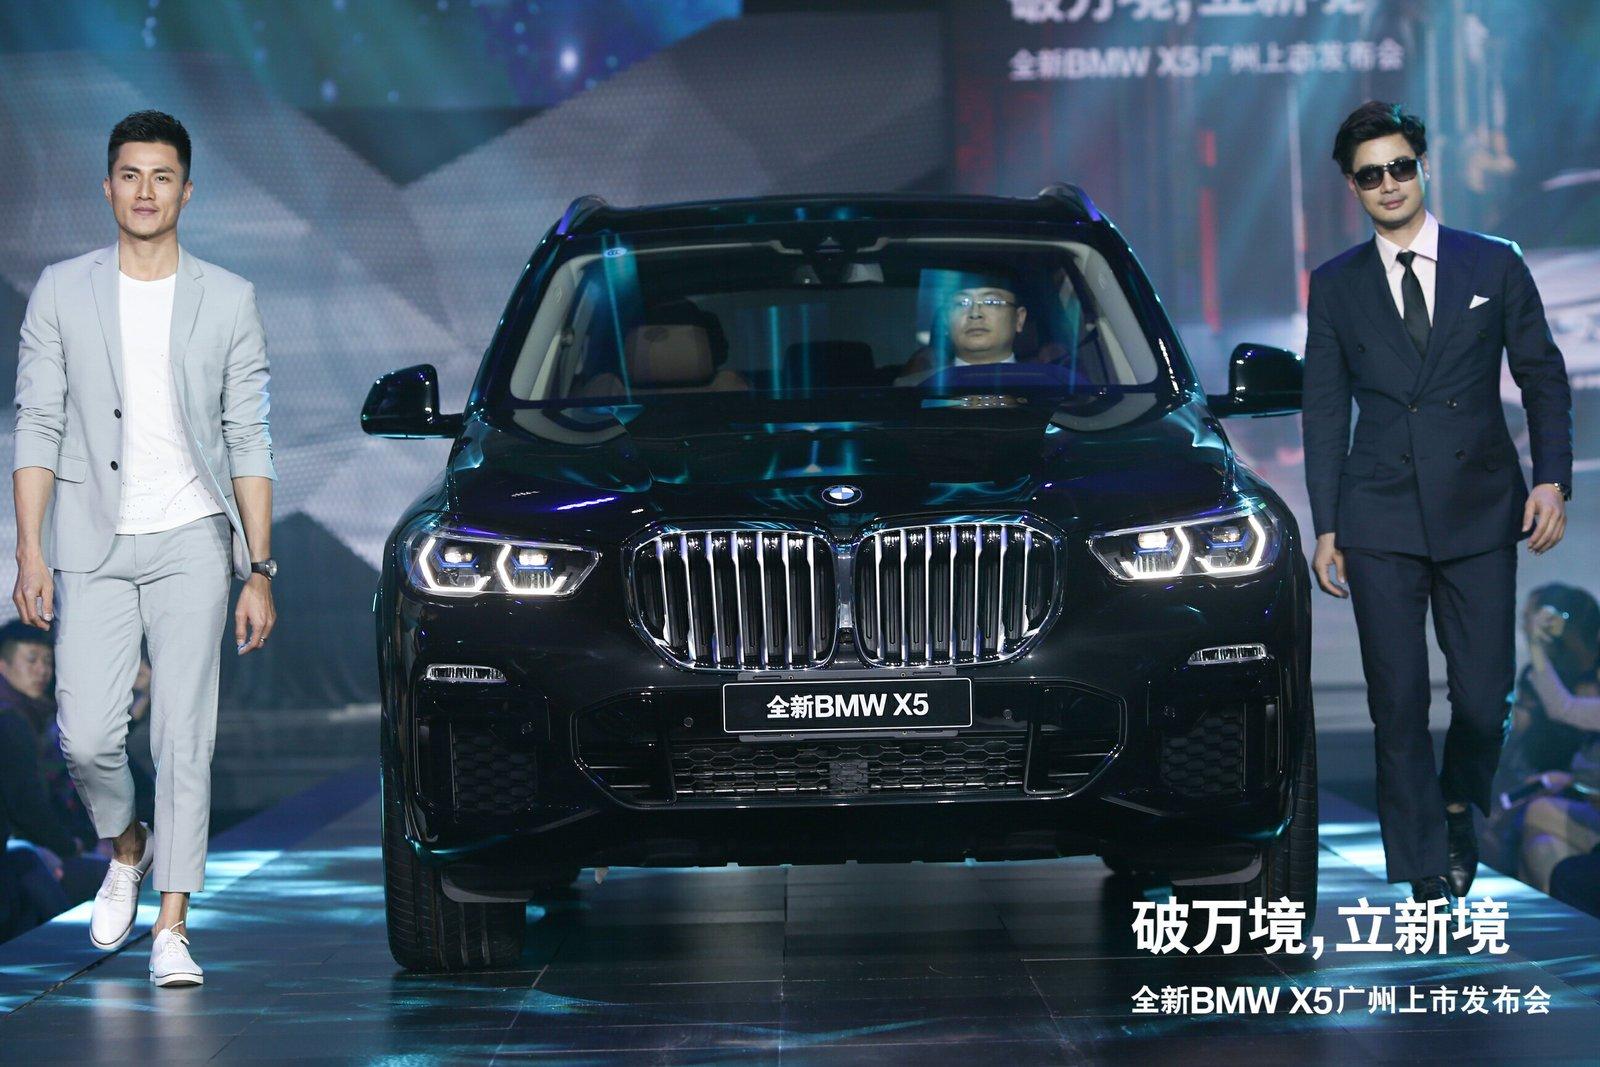 尽显王者本色 重塑级别标杆 全新BMW X5(广州)耀然上市